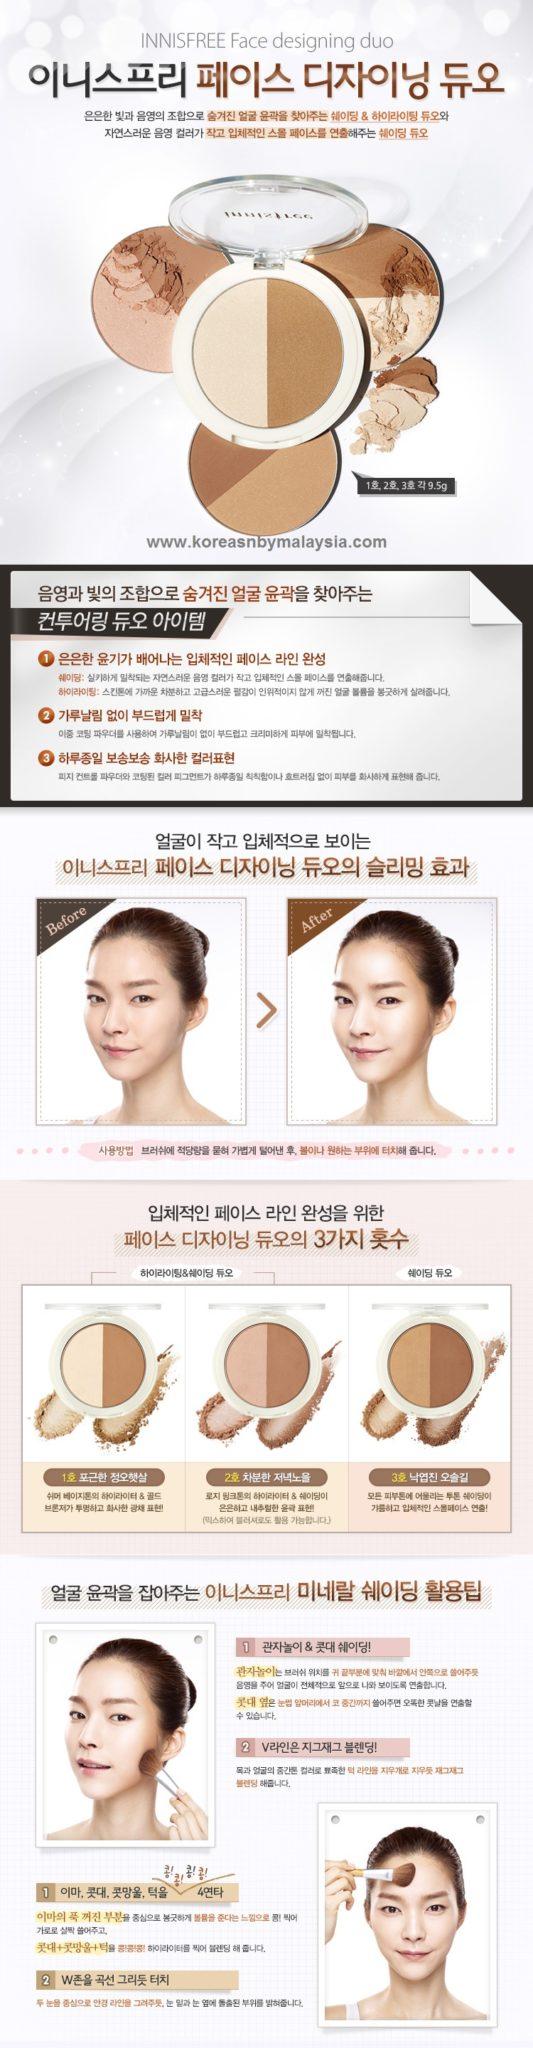 Innisfree Face Designing Duo 9.5g